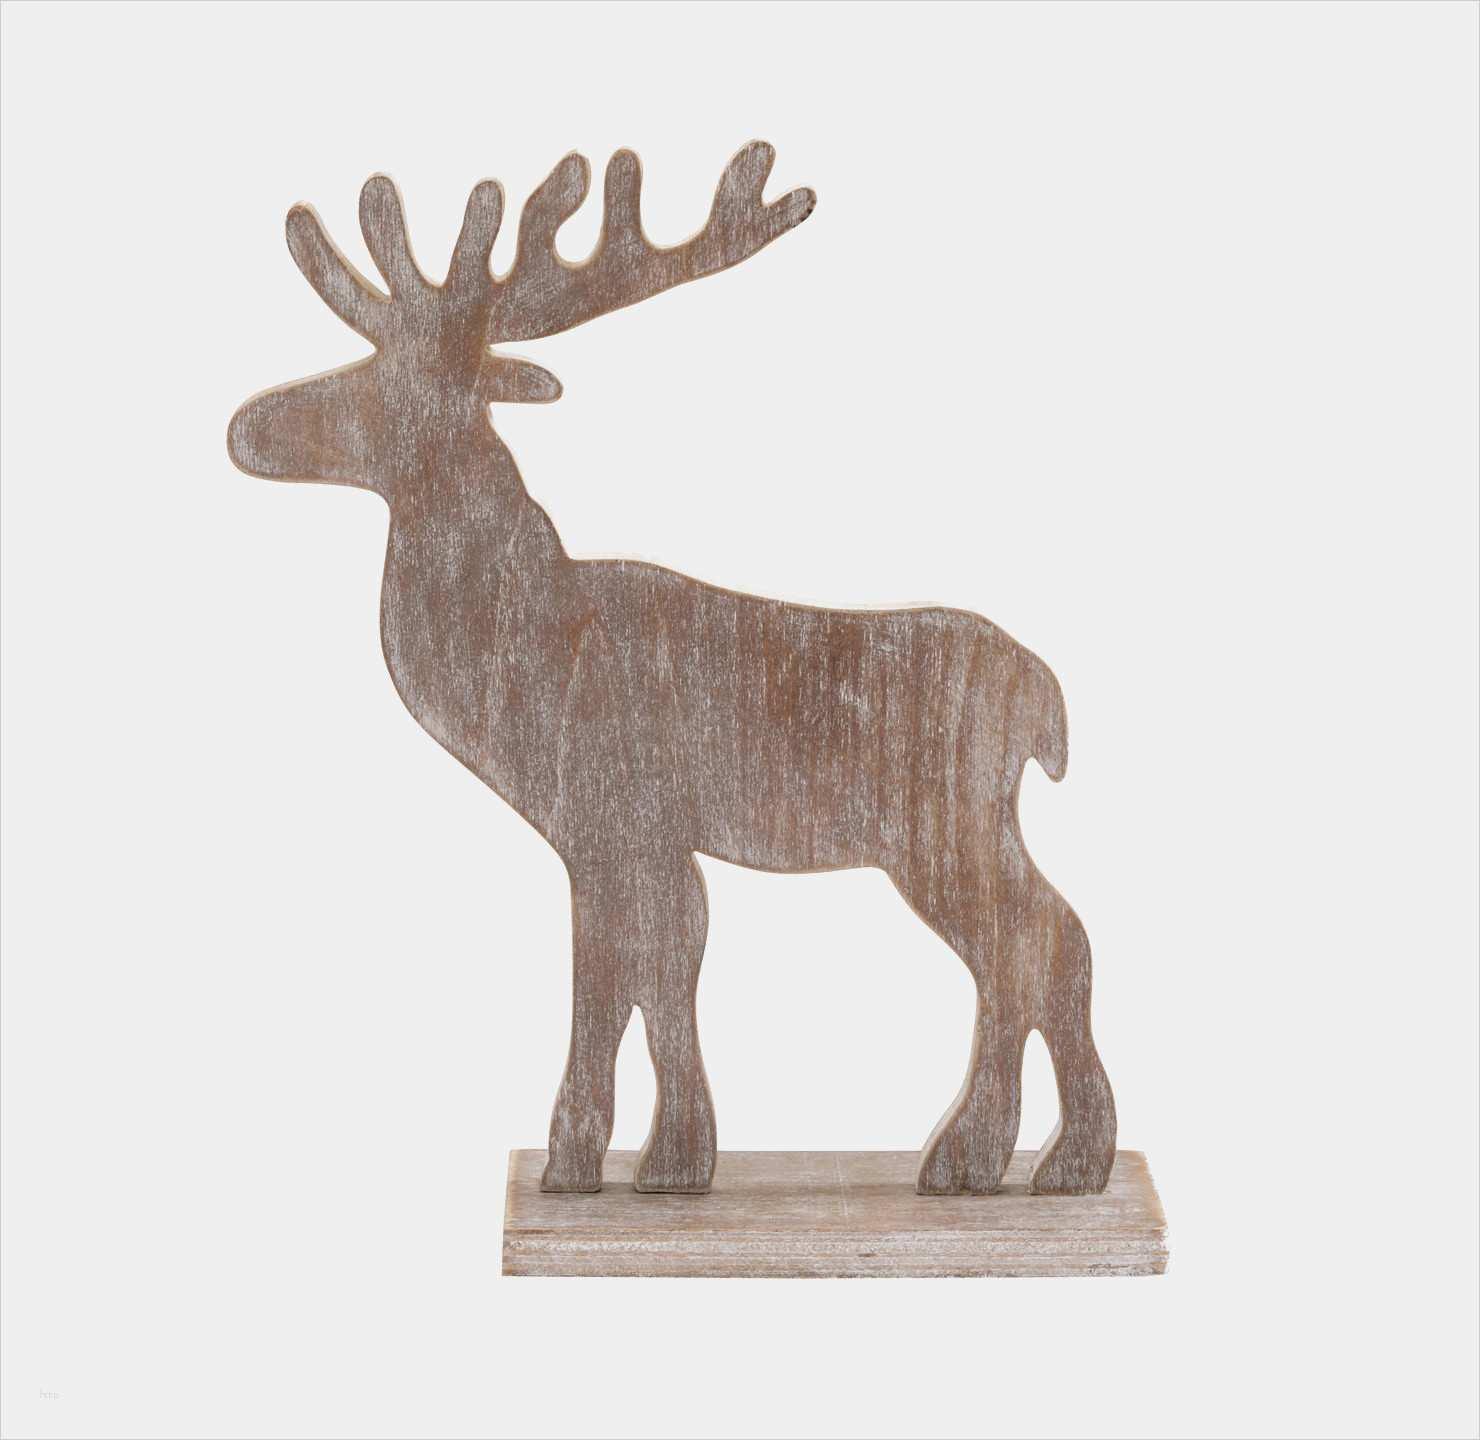 Holz Vorlagen Zum Aussägen Weihnachten Erstaunlich Holz ...